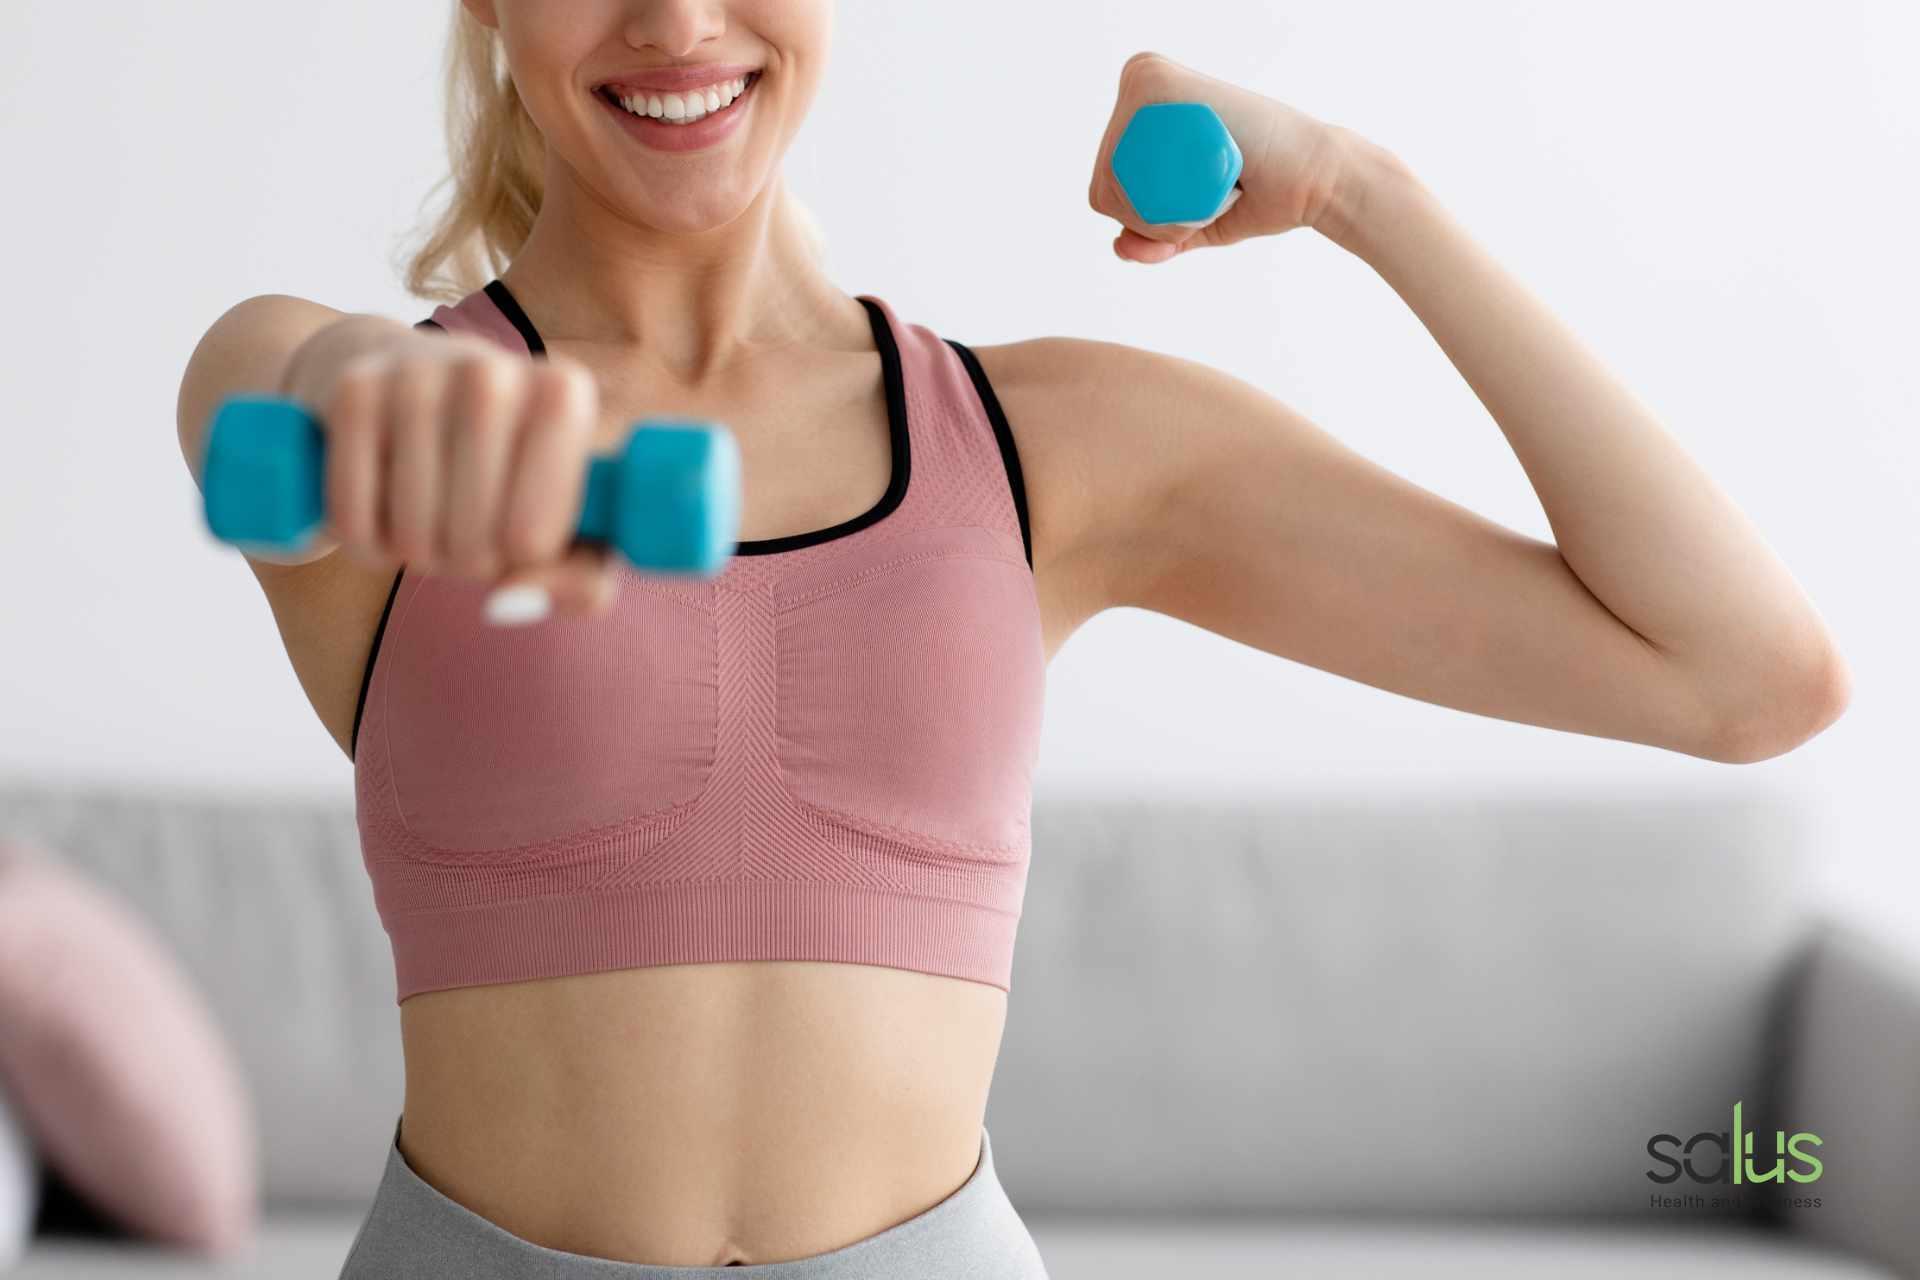 Salus Blog - evitare ipertrofia muscolare